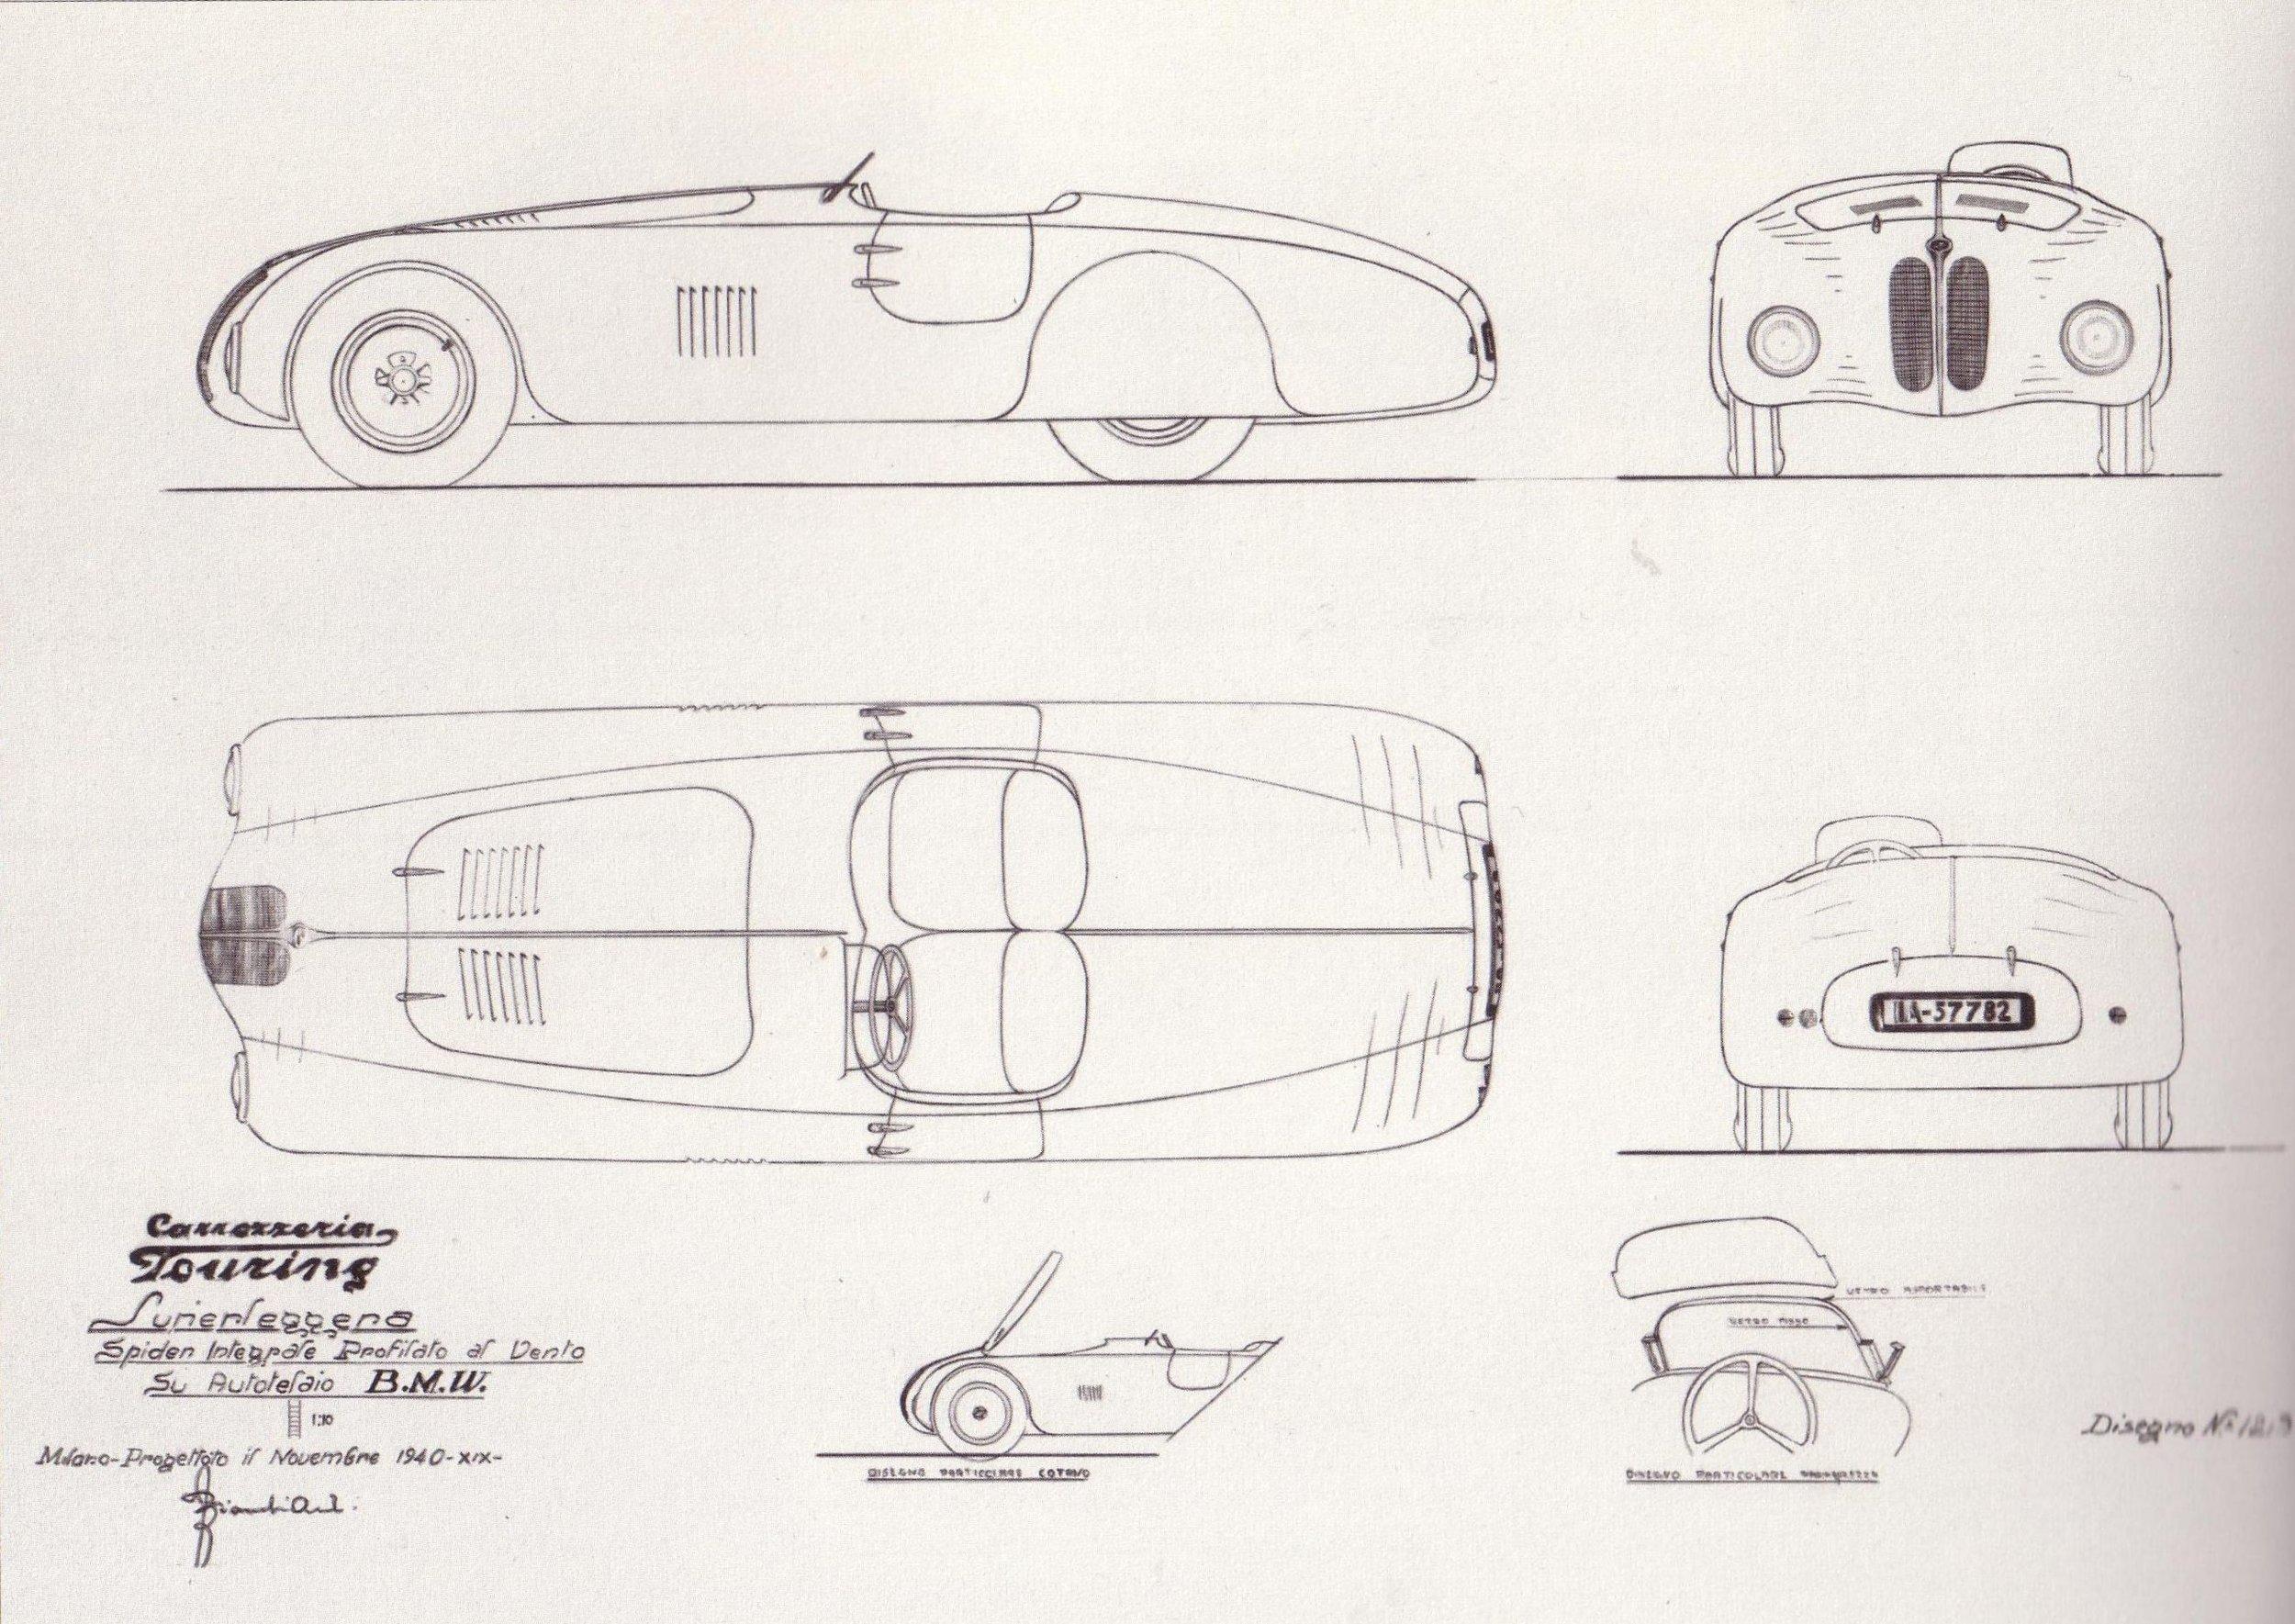 Original Superlegerra Designs (1940)